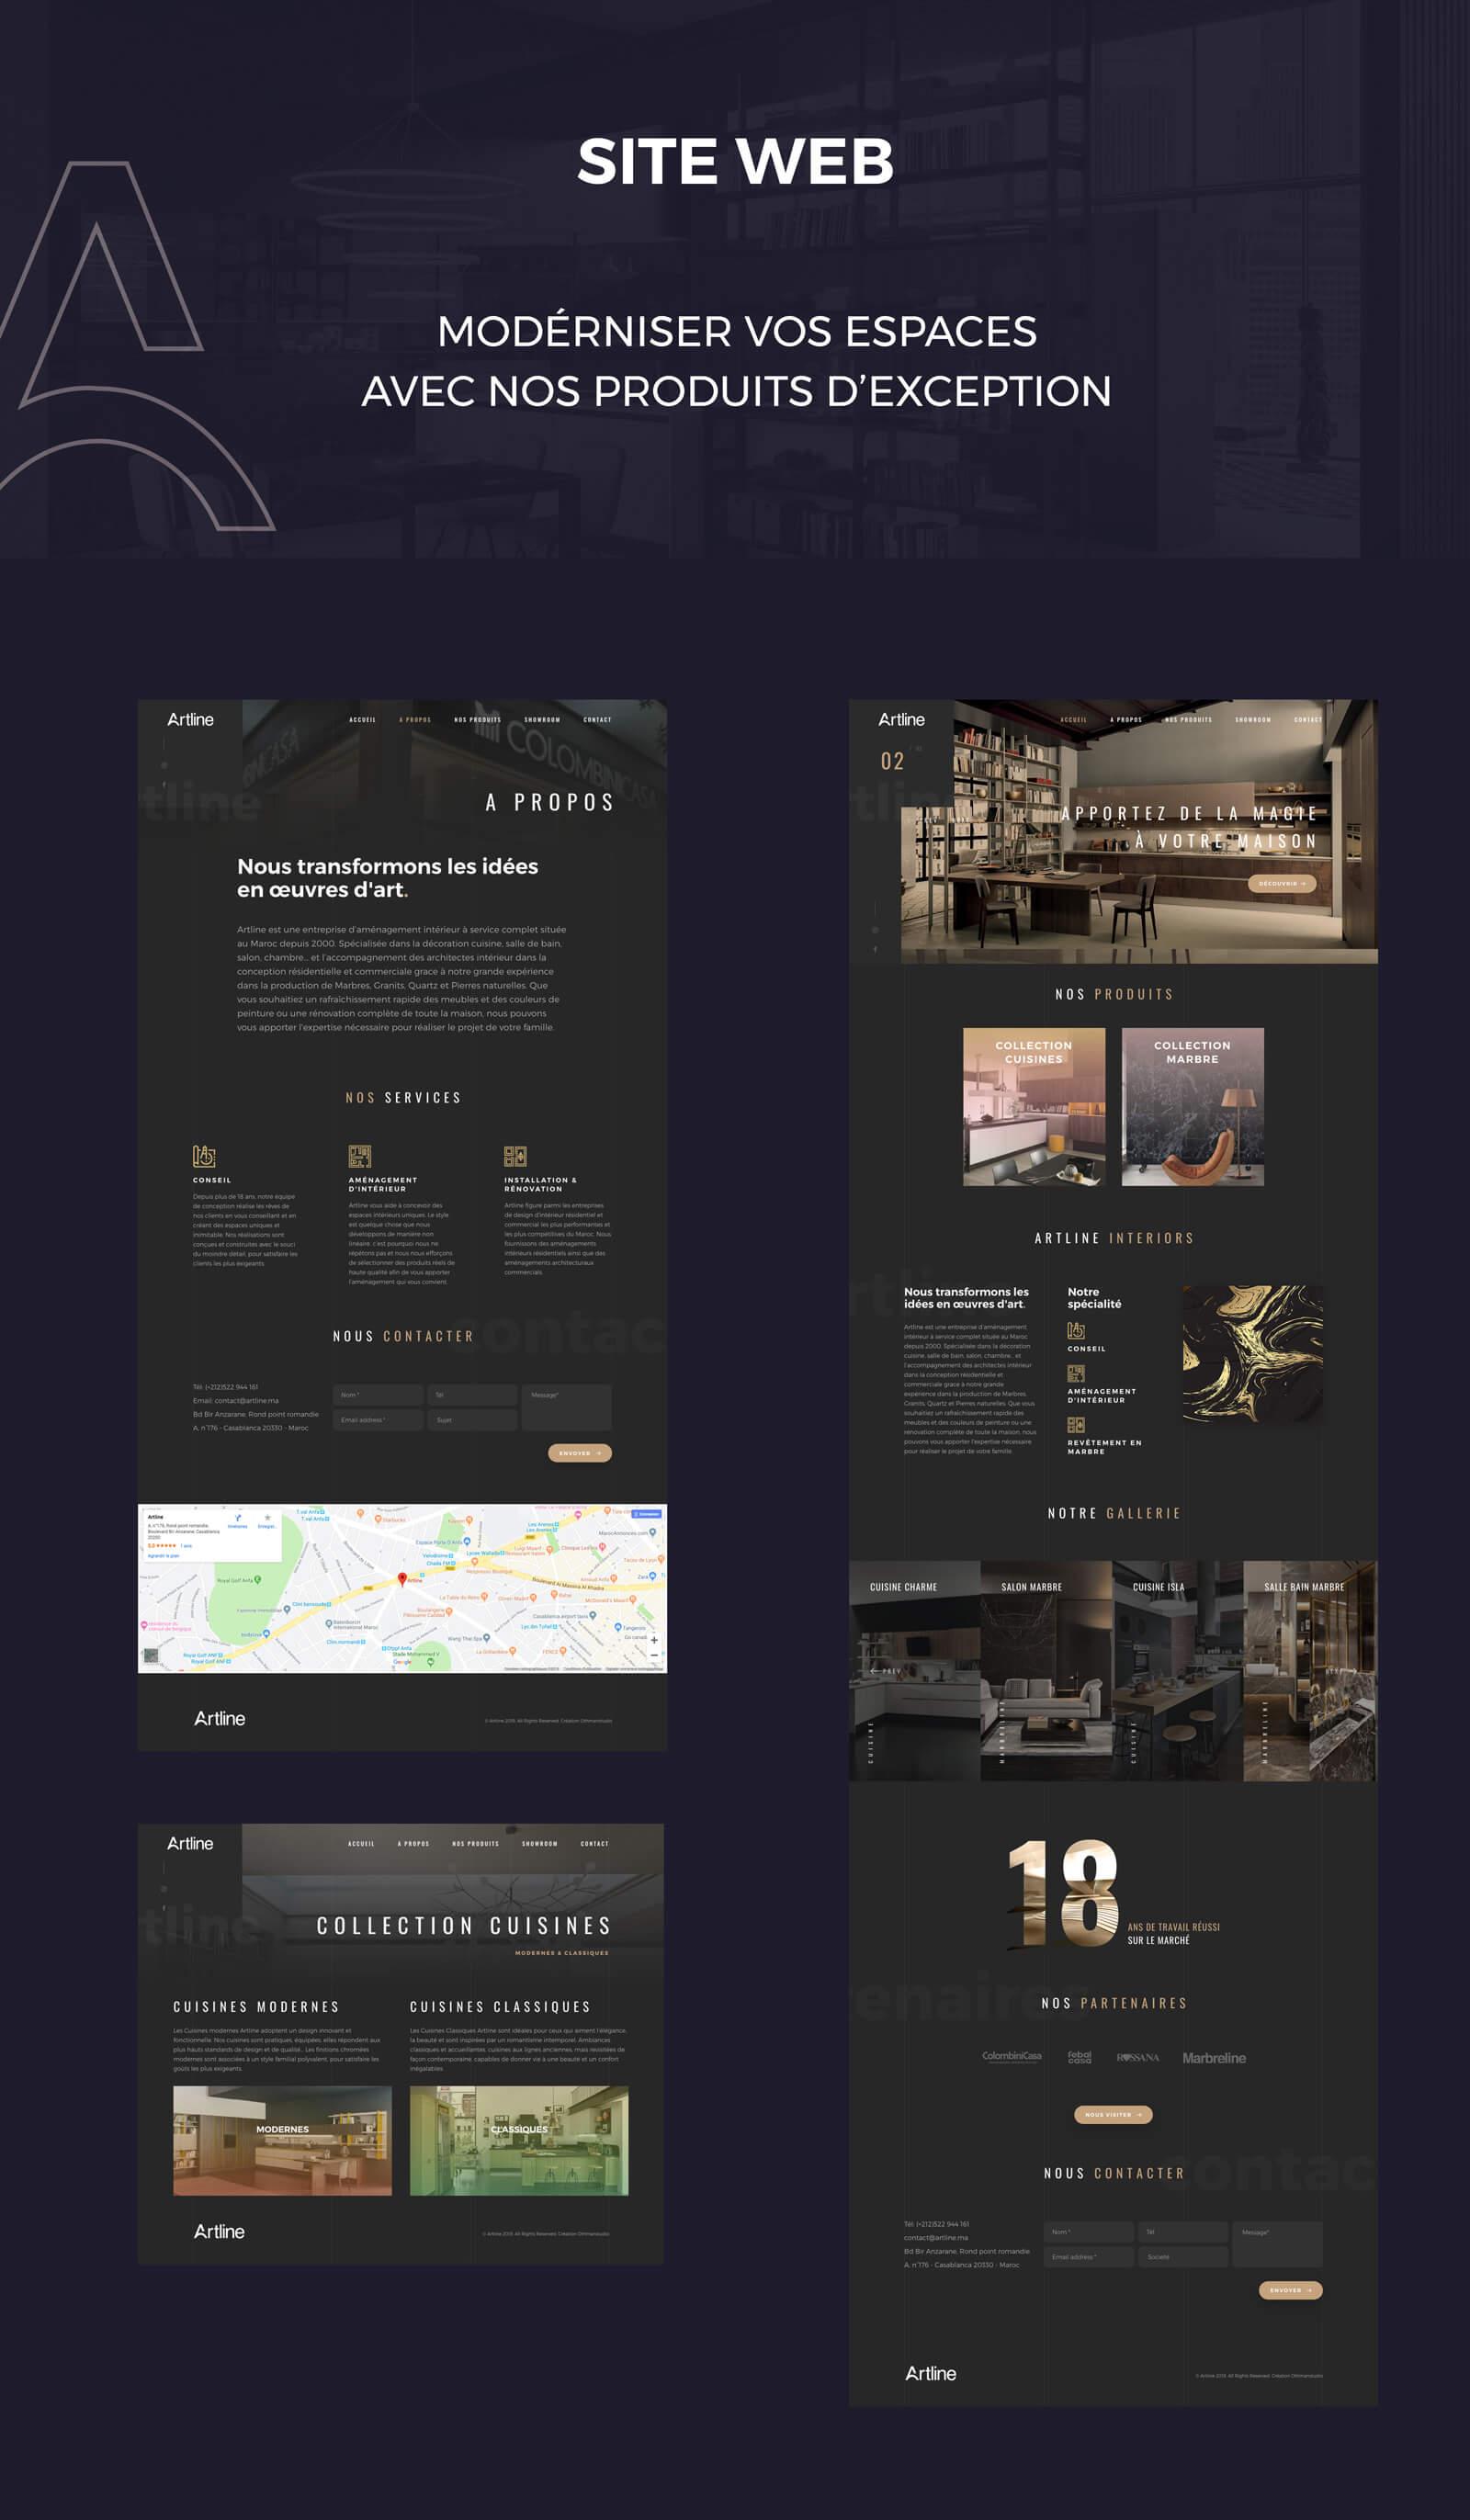 Site web intérieur design artline identité visuelle intérieur Identité Artline intérieur site web artline